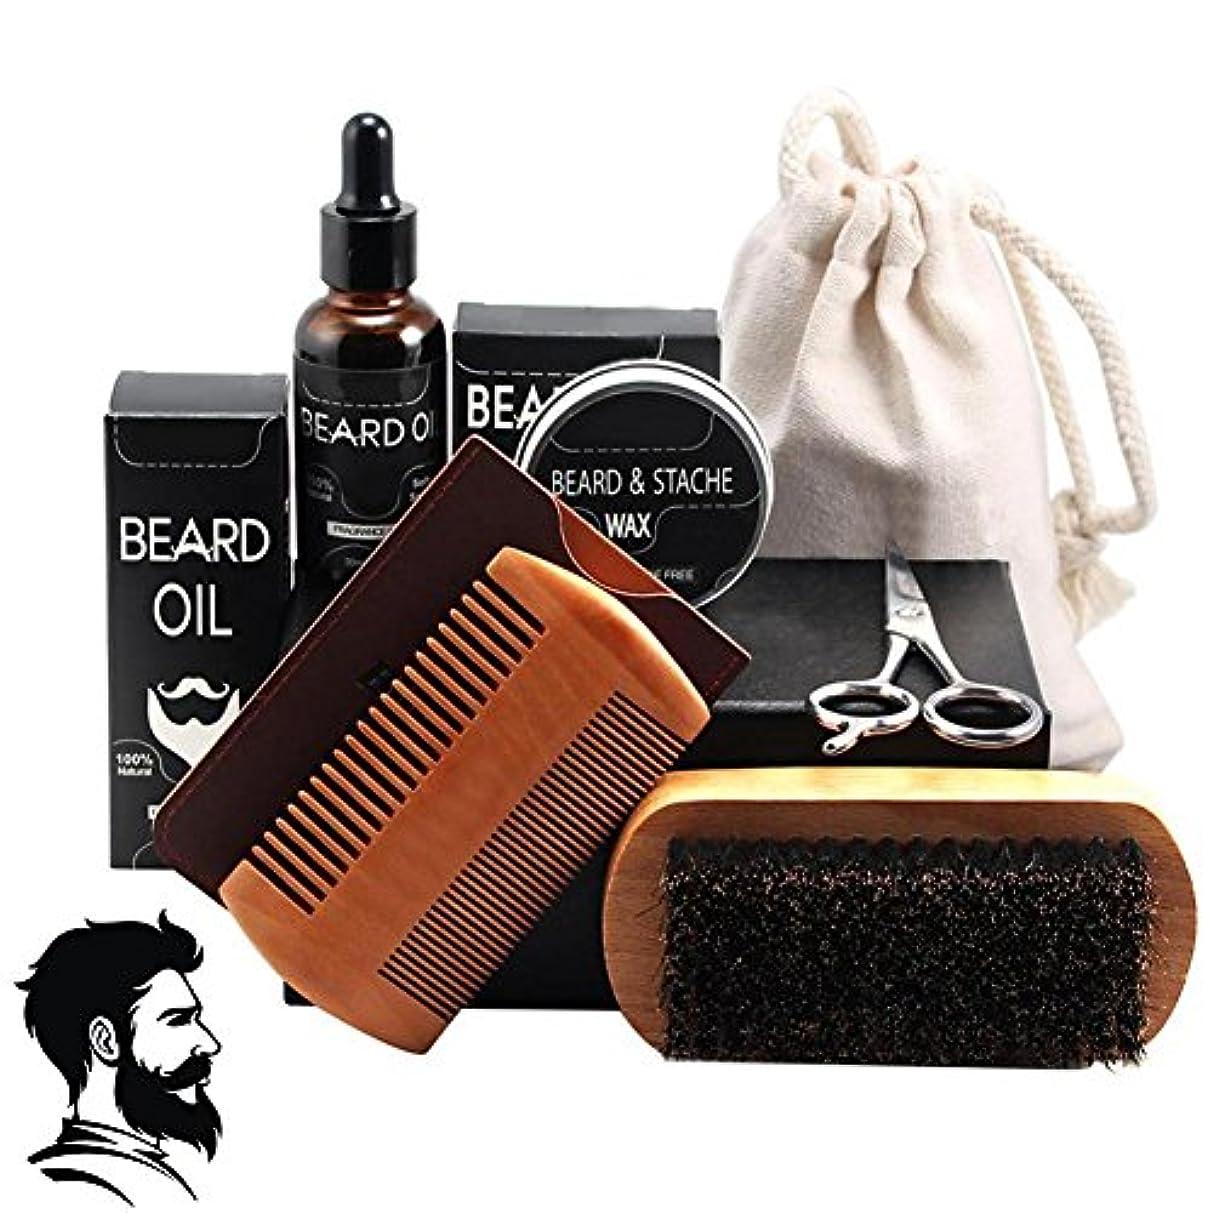 生物学やさしくしかしながらあごひげ油、男性の口ひげフルセットヘアケアツール(ひげワックスくし付き)(7PCSのパック)用シェービングブラシプロフェッショナルフェイシャルトリミングハサミ